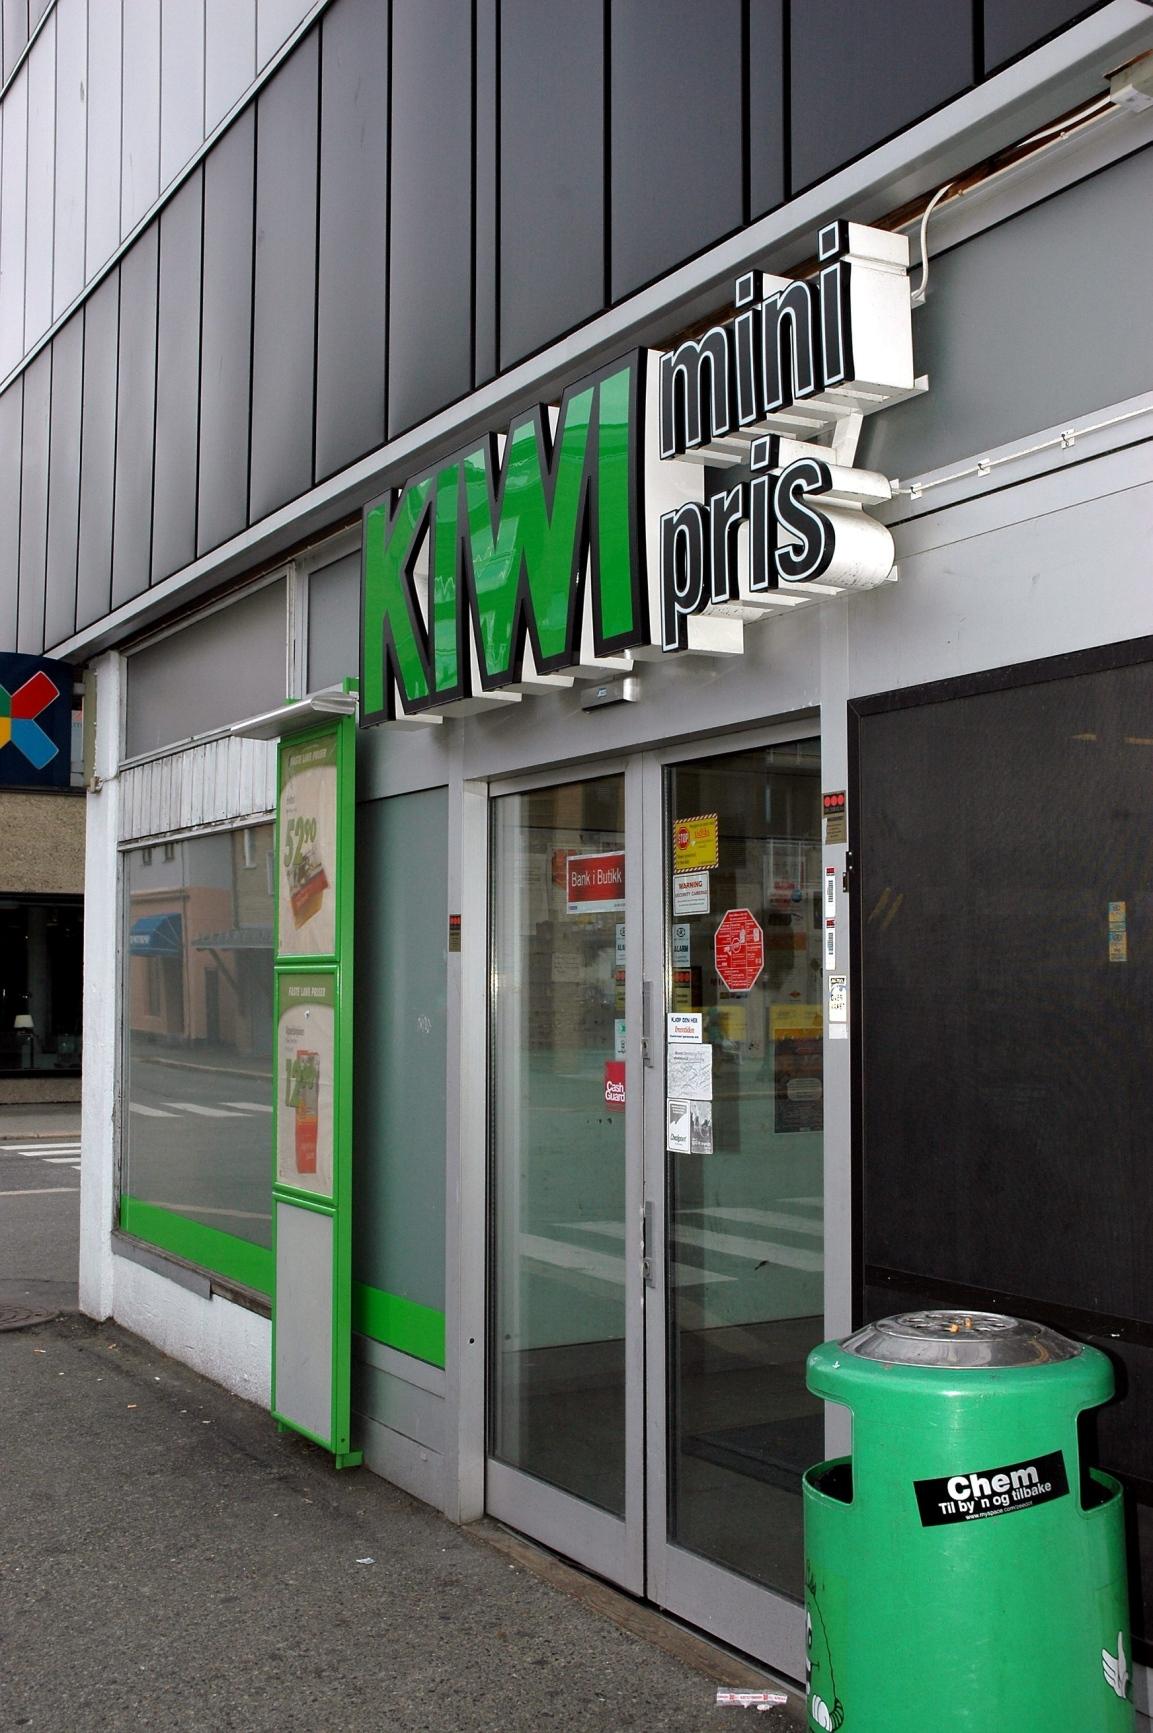 kiwi minside no